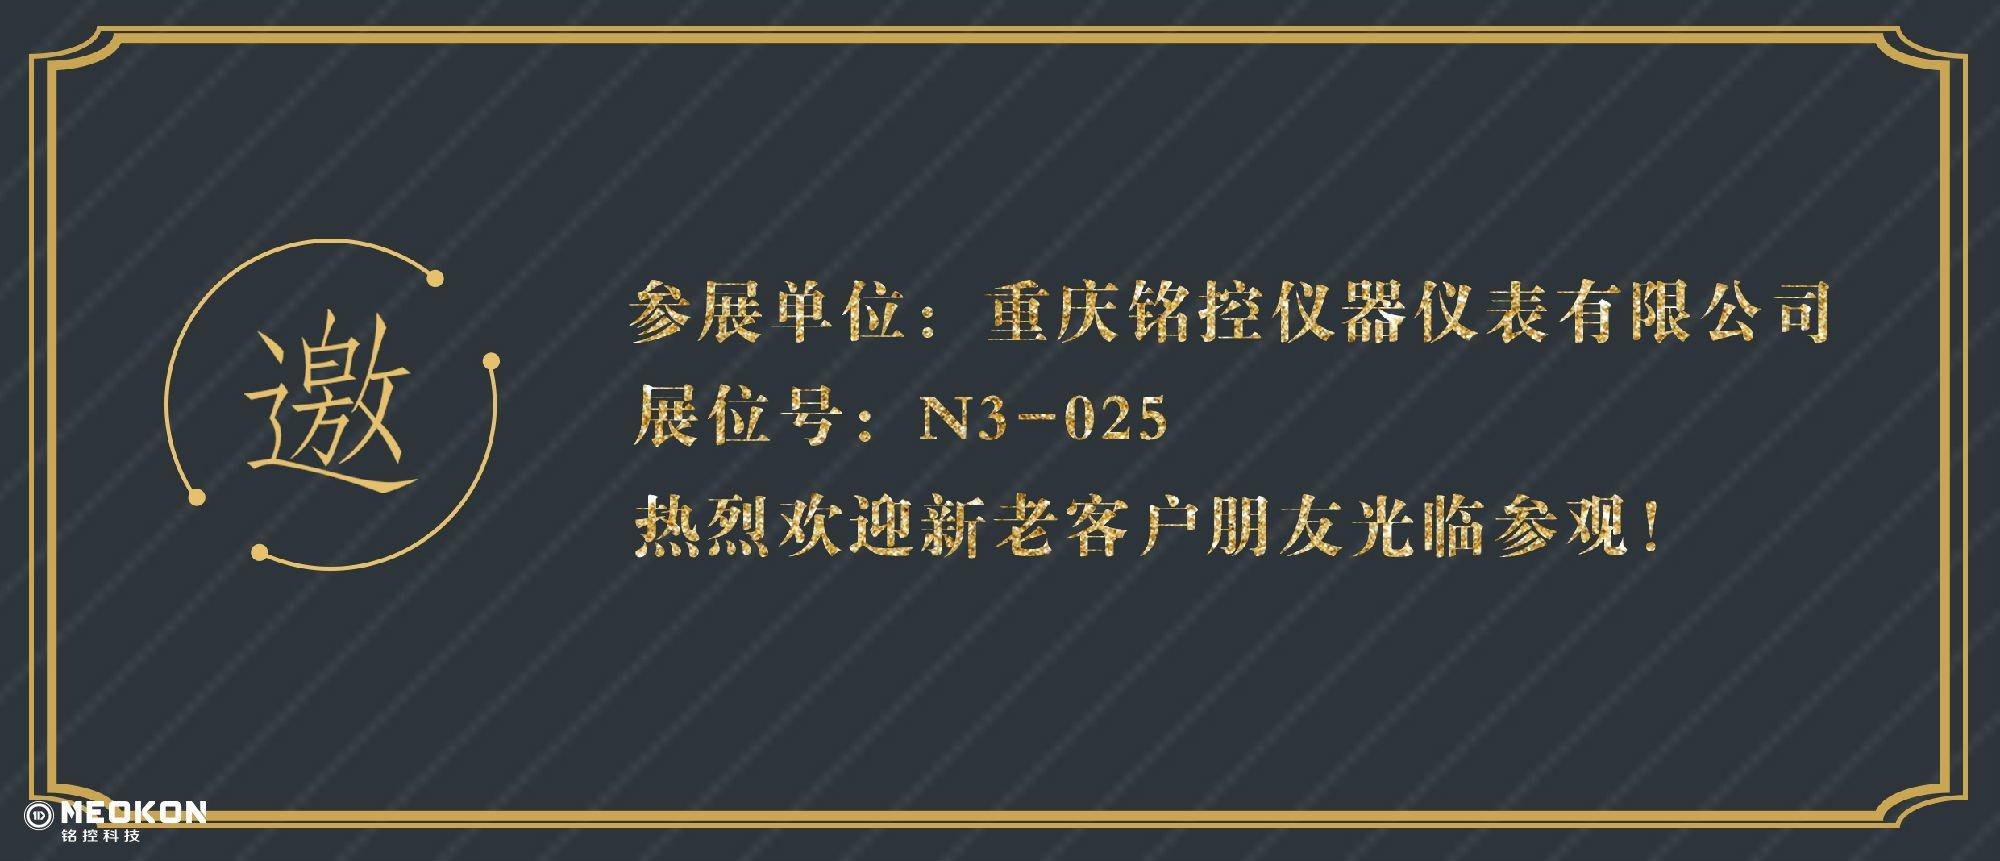 重庆铭控   邀您相约2018中国国际智能产业博览会! - 上海铭控 - 上海铭控传感技术有限公司的博客